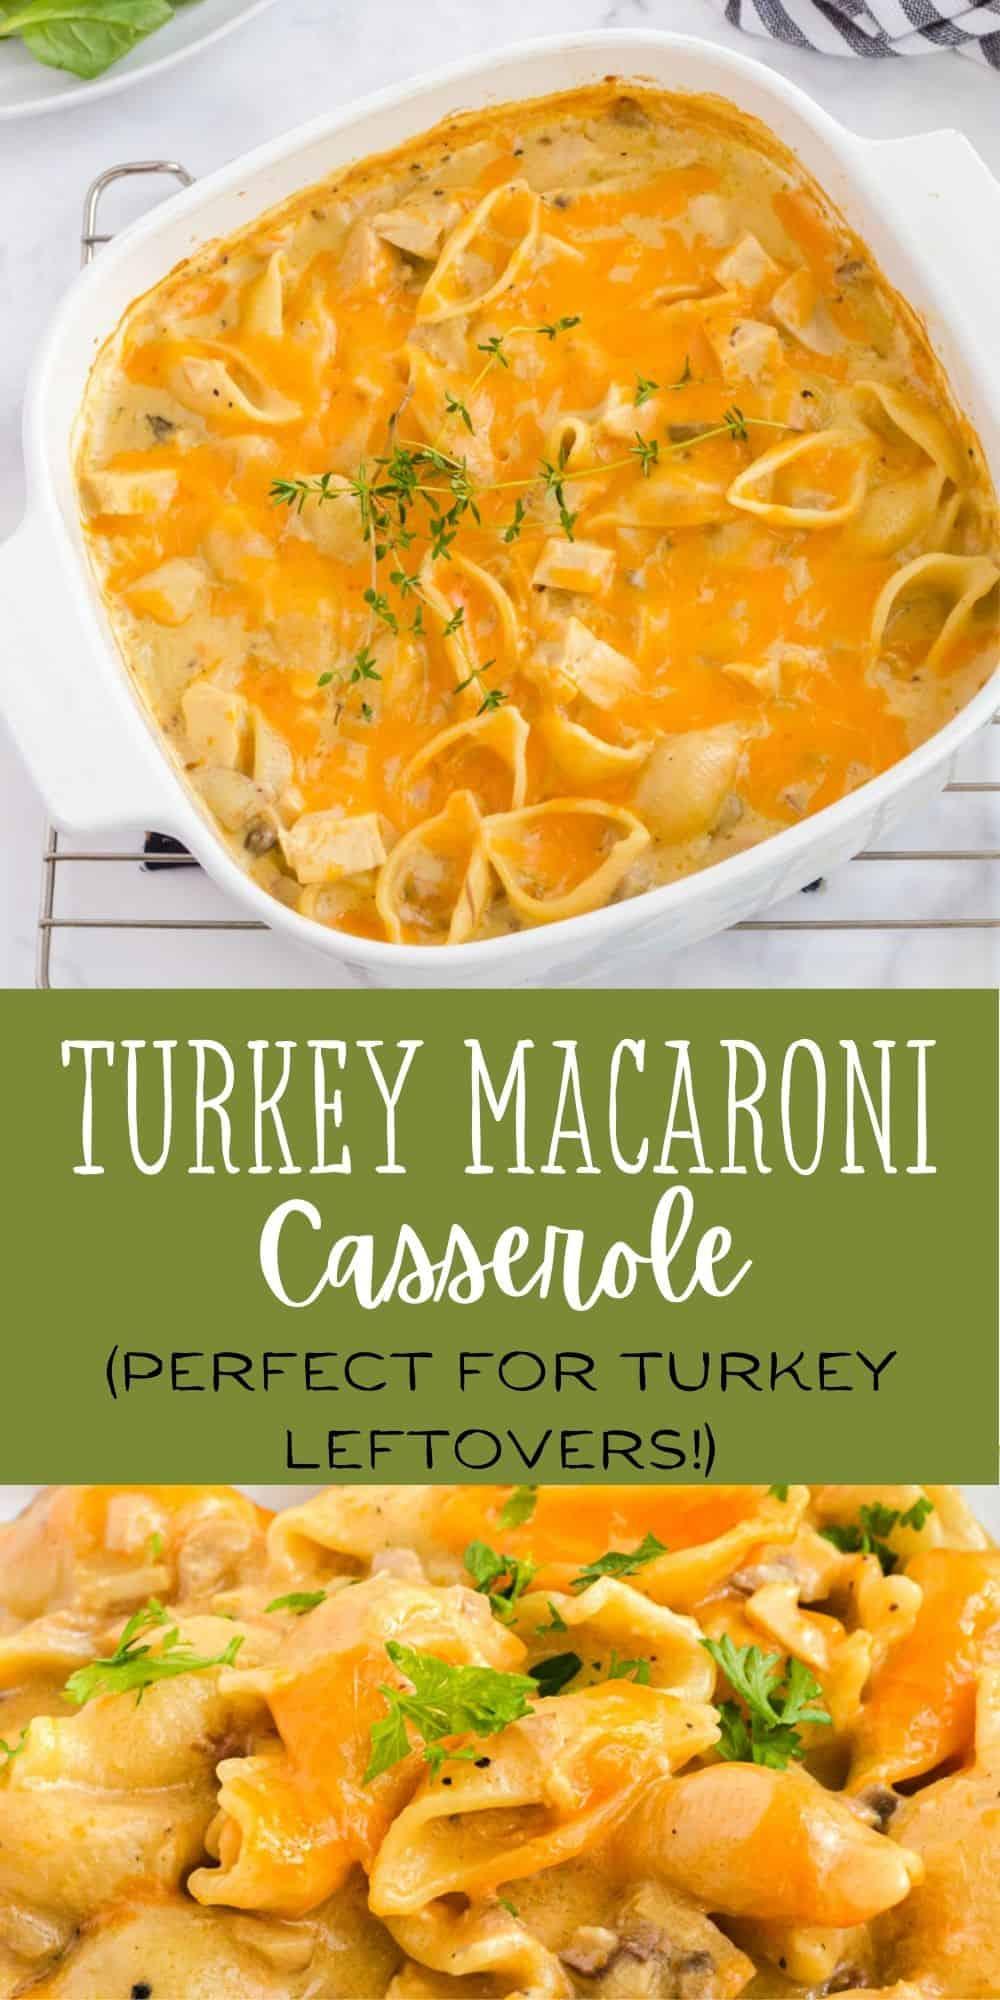 leftover turkey casserole - creamy cheesy turkey macaroni casserole in a white casserole dish